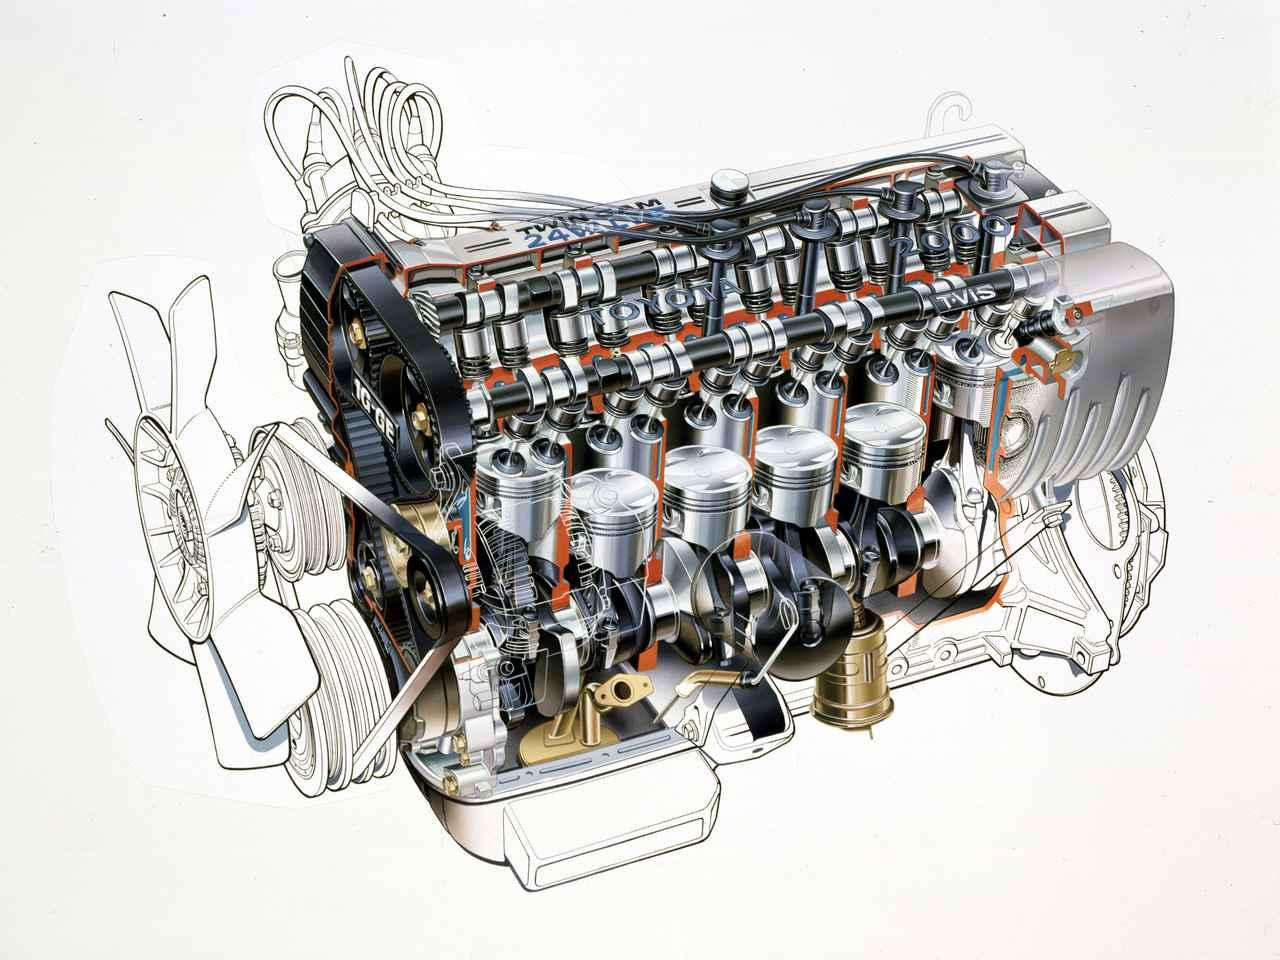 画像: ヤマハとの共同作業でDOHC化された1G-GEU型。トヨタ直6では初の4バルブヘッドとなった。